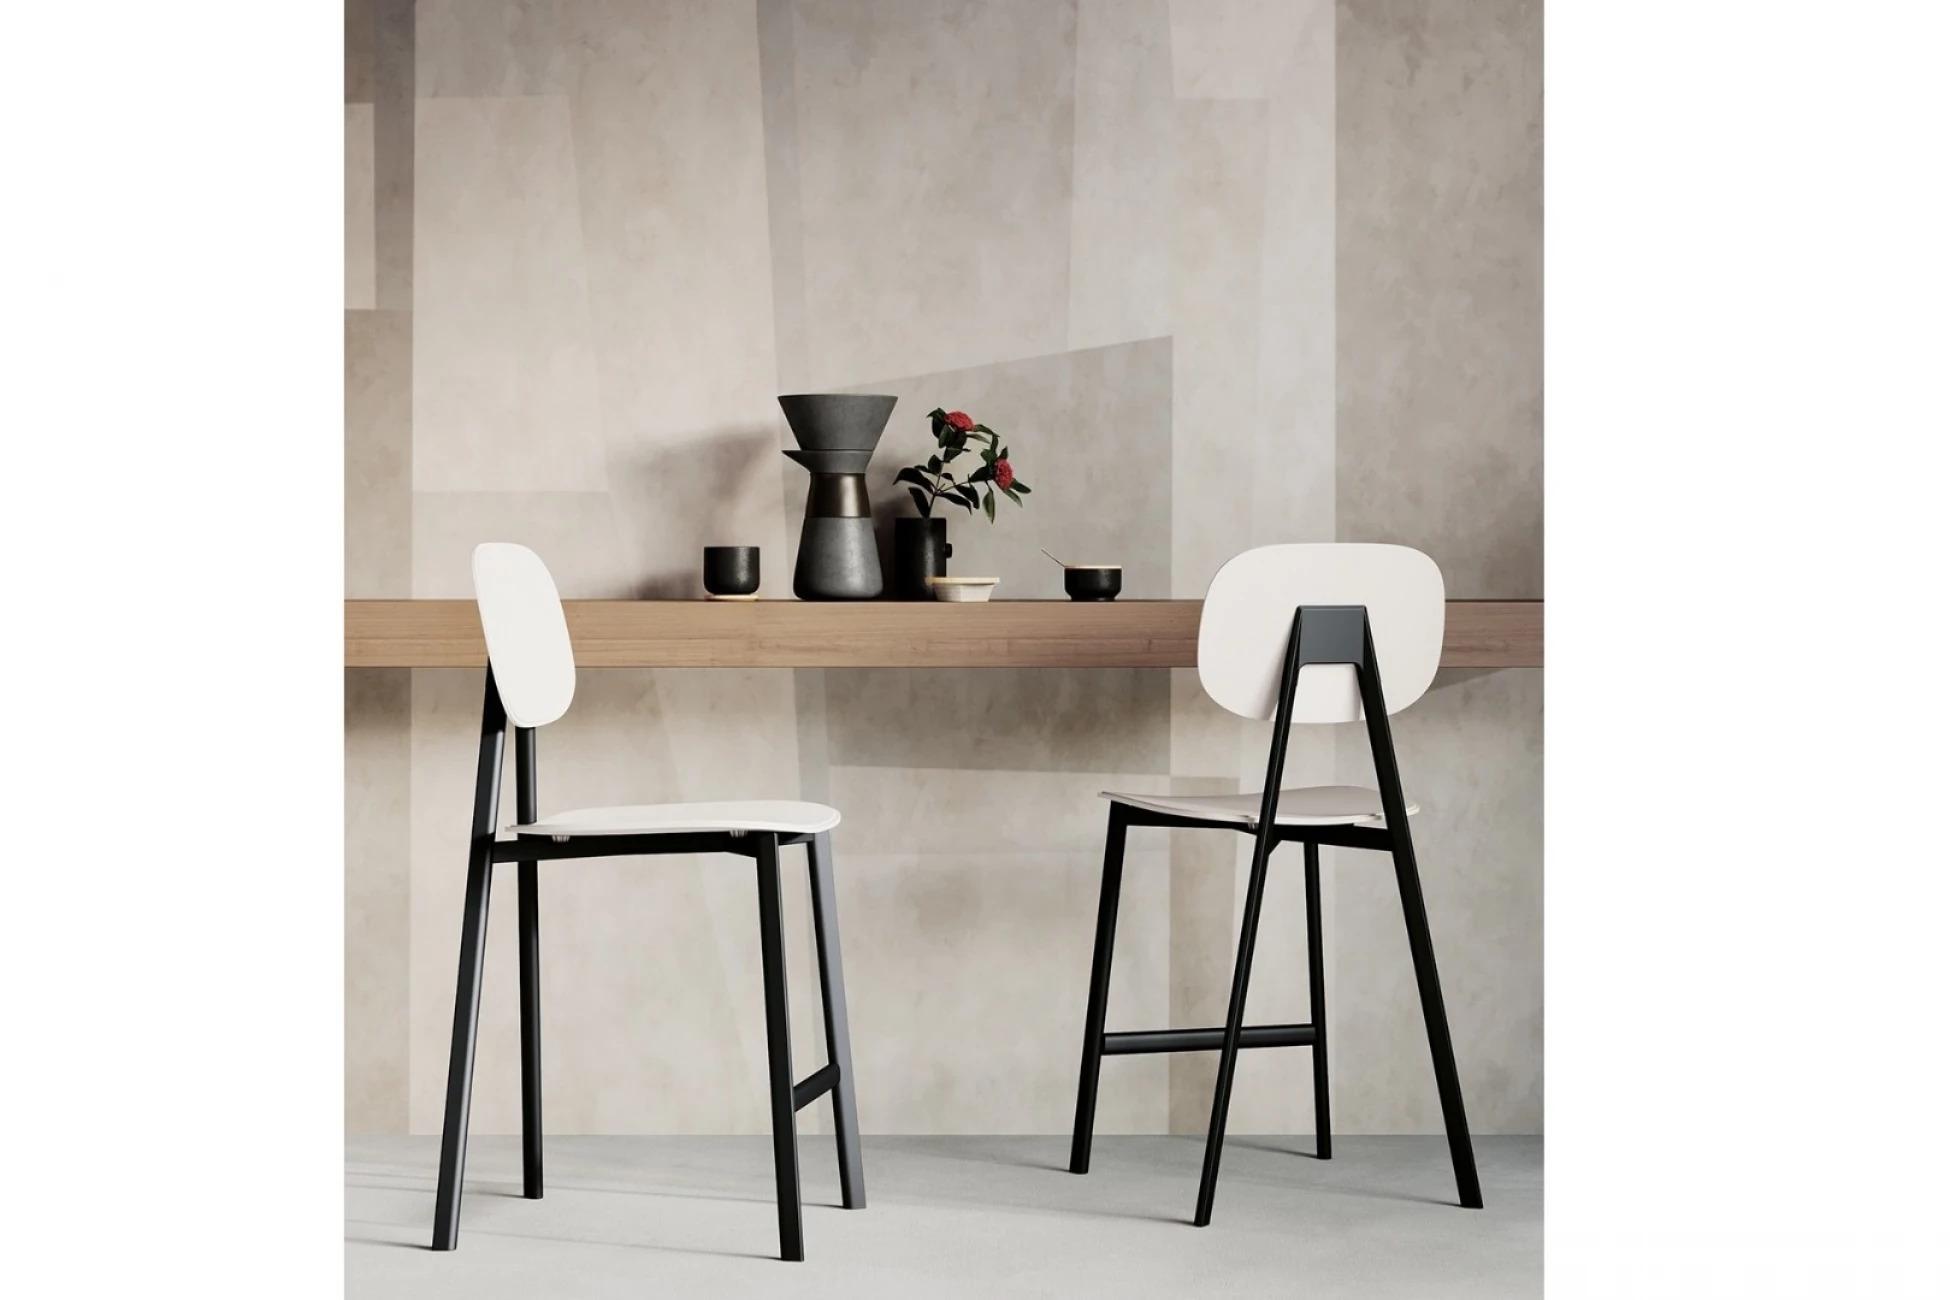 Итальянские ,барные стулья ALPHA в современном стиле от Arredo3